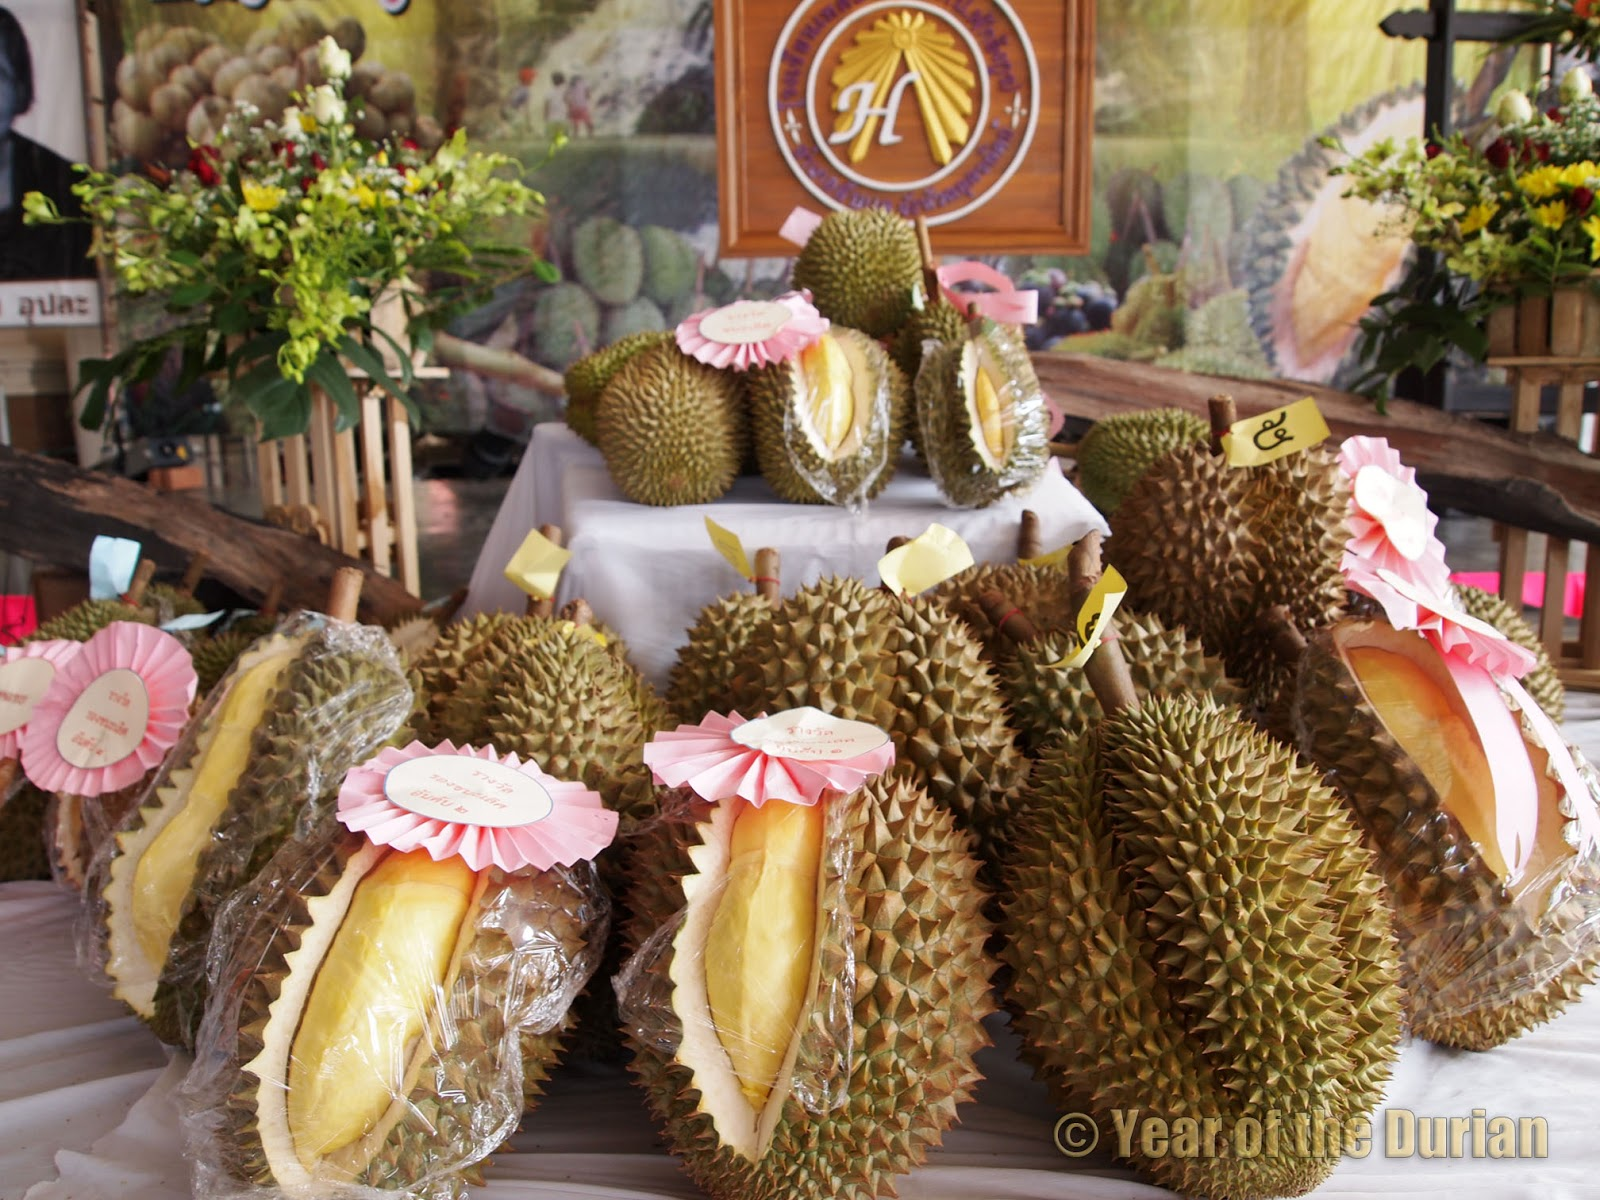 laplae durian festival uttaradit thailand photo essay  laplae durian festival uttaradit thailand photo essay